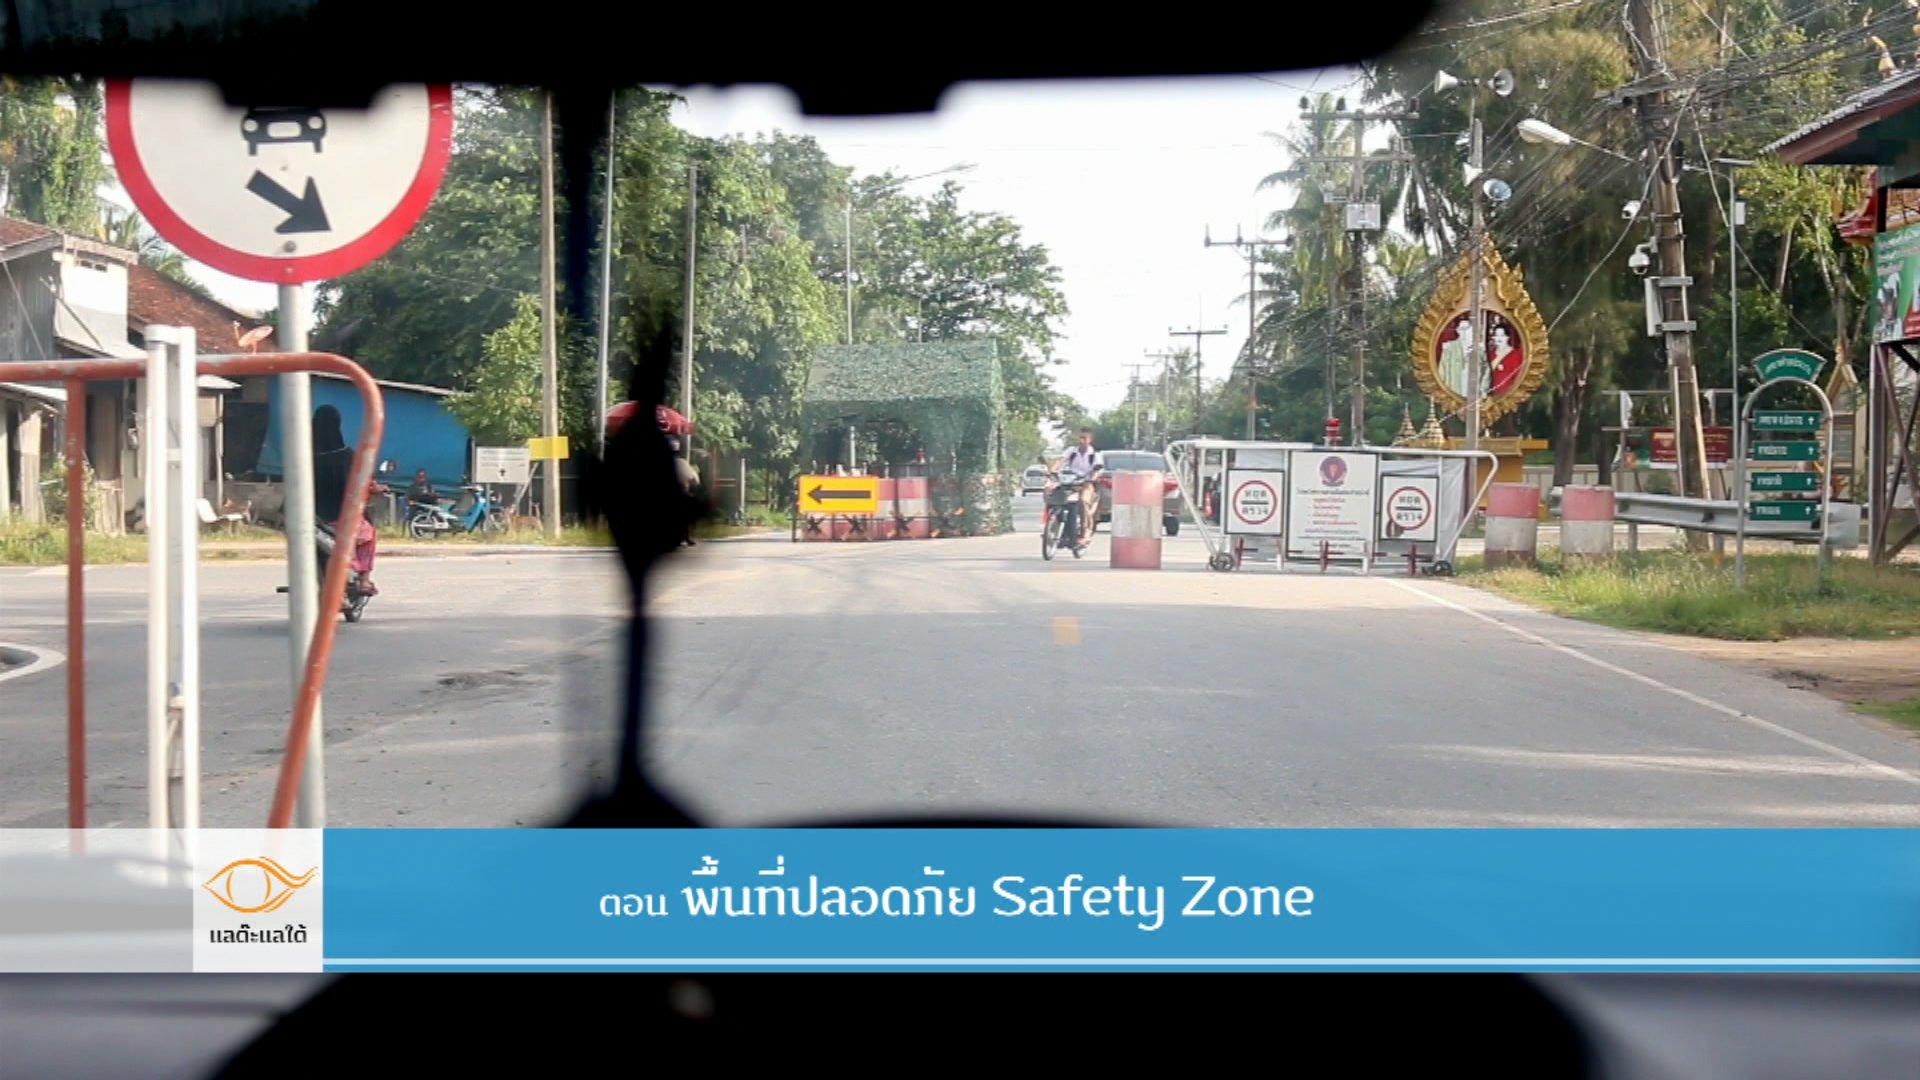 แลต๊ะแลใต้ - Safety Zone พื้นที่ปลอดภัย